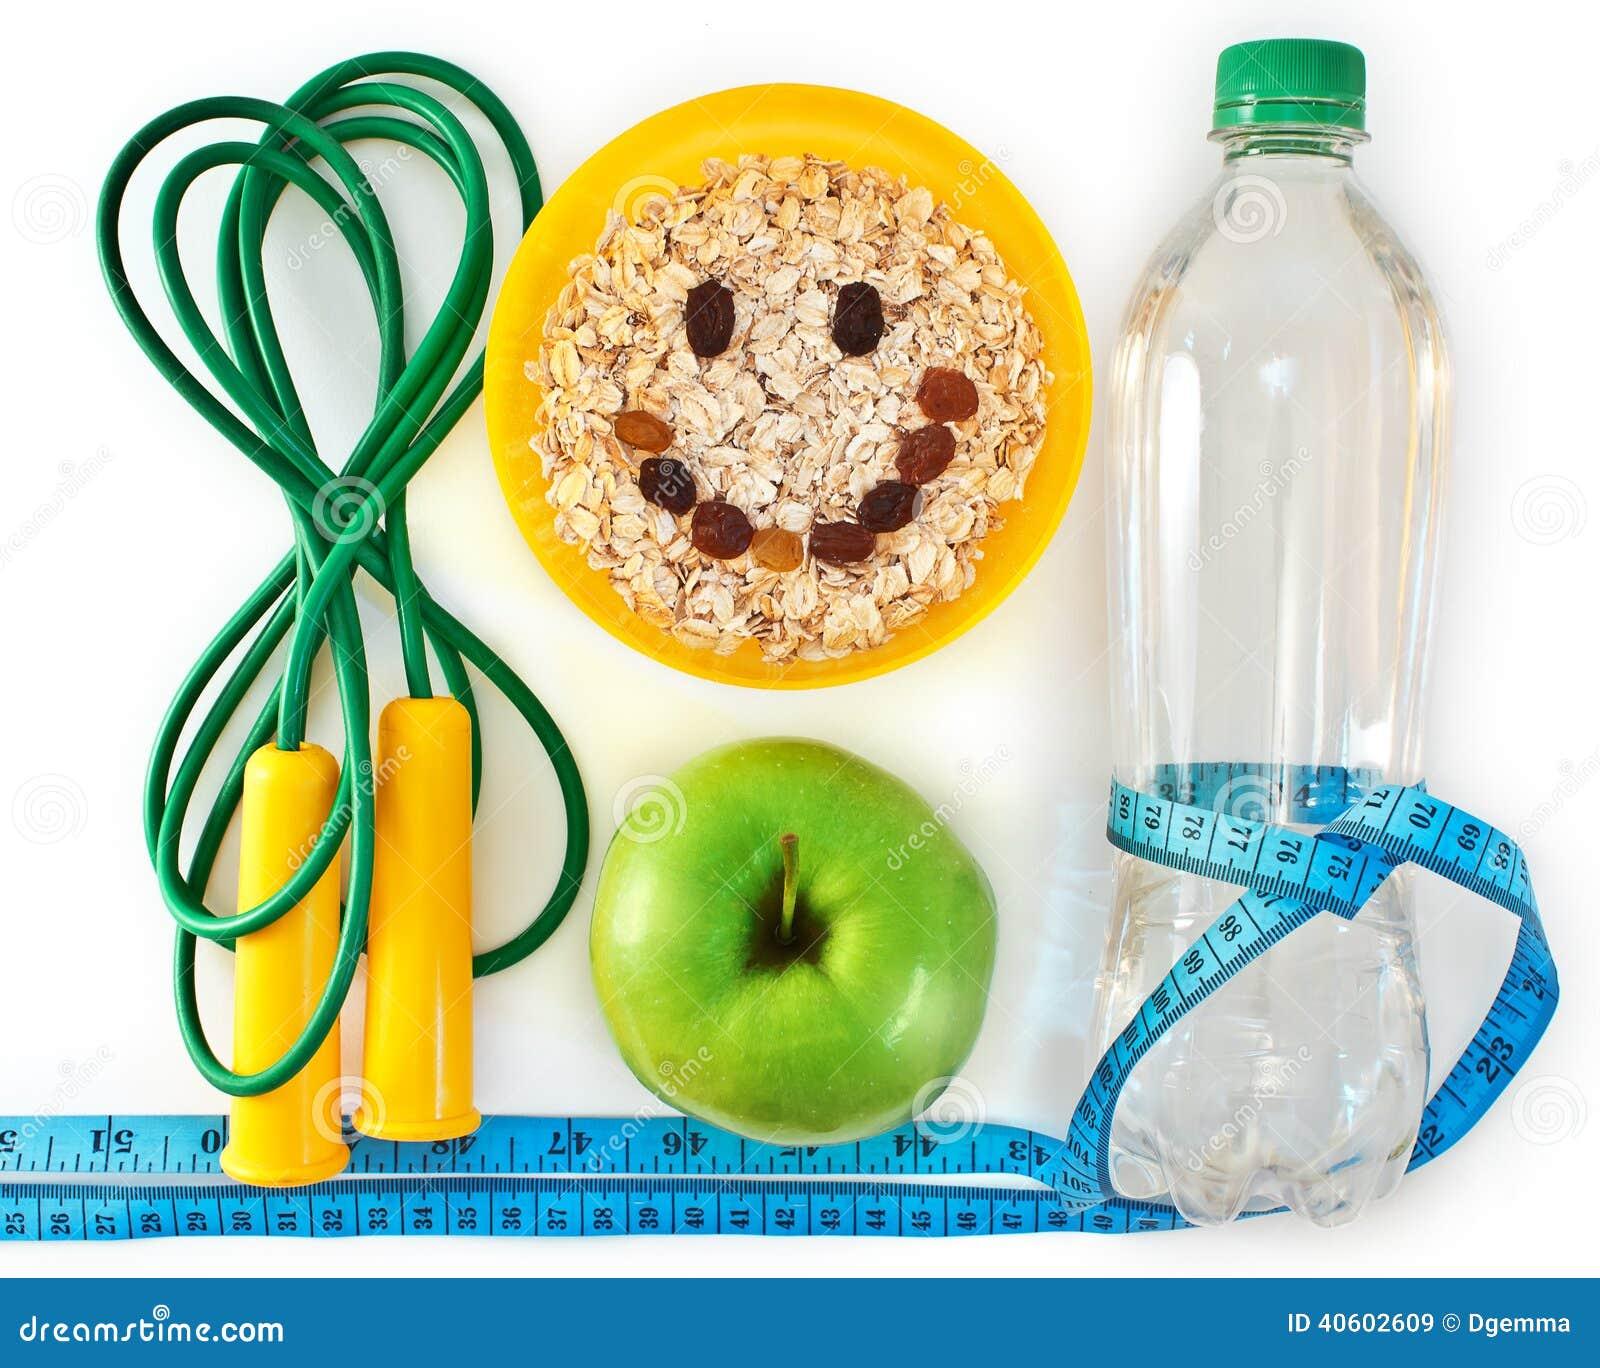 Поделка на тему здоровый образ жизни 1 класс